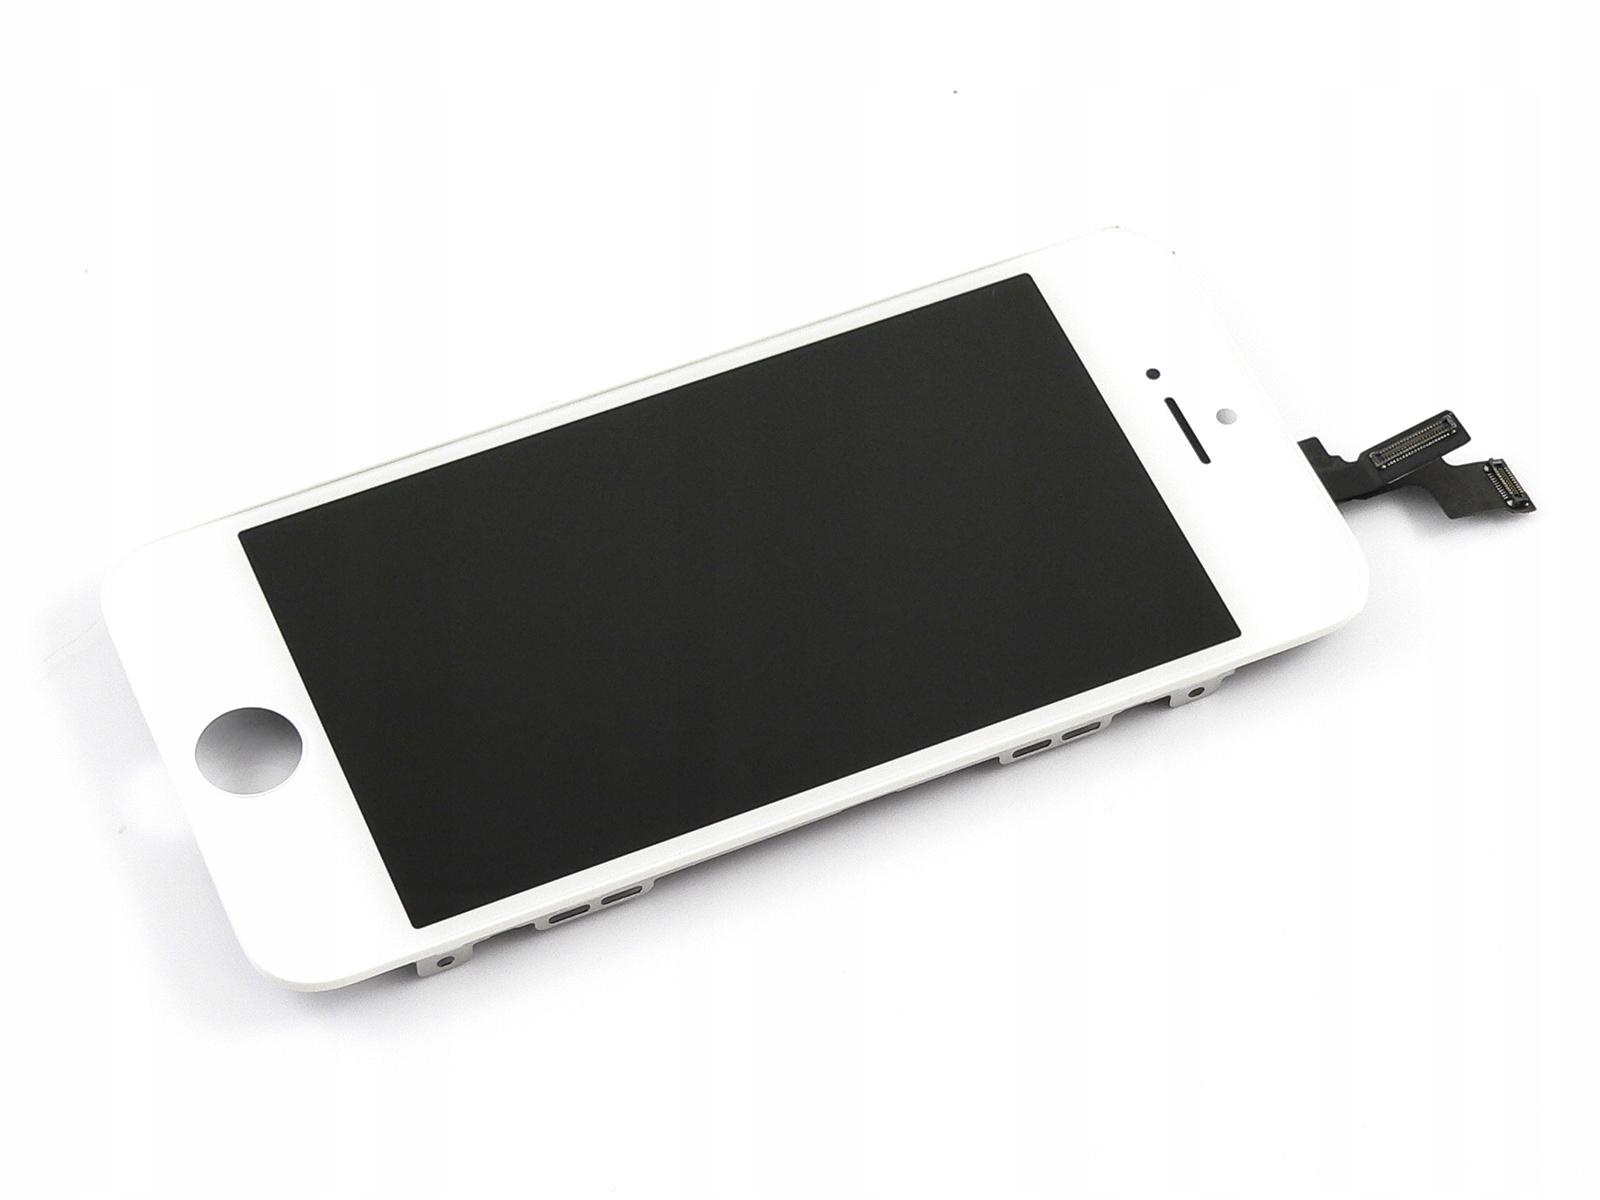 WYŚWIETLACZ LCD SZYBKA RAMKA IPHONE 5S SE WYMIANA